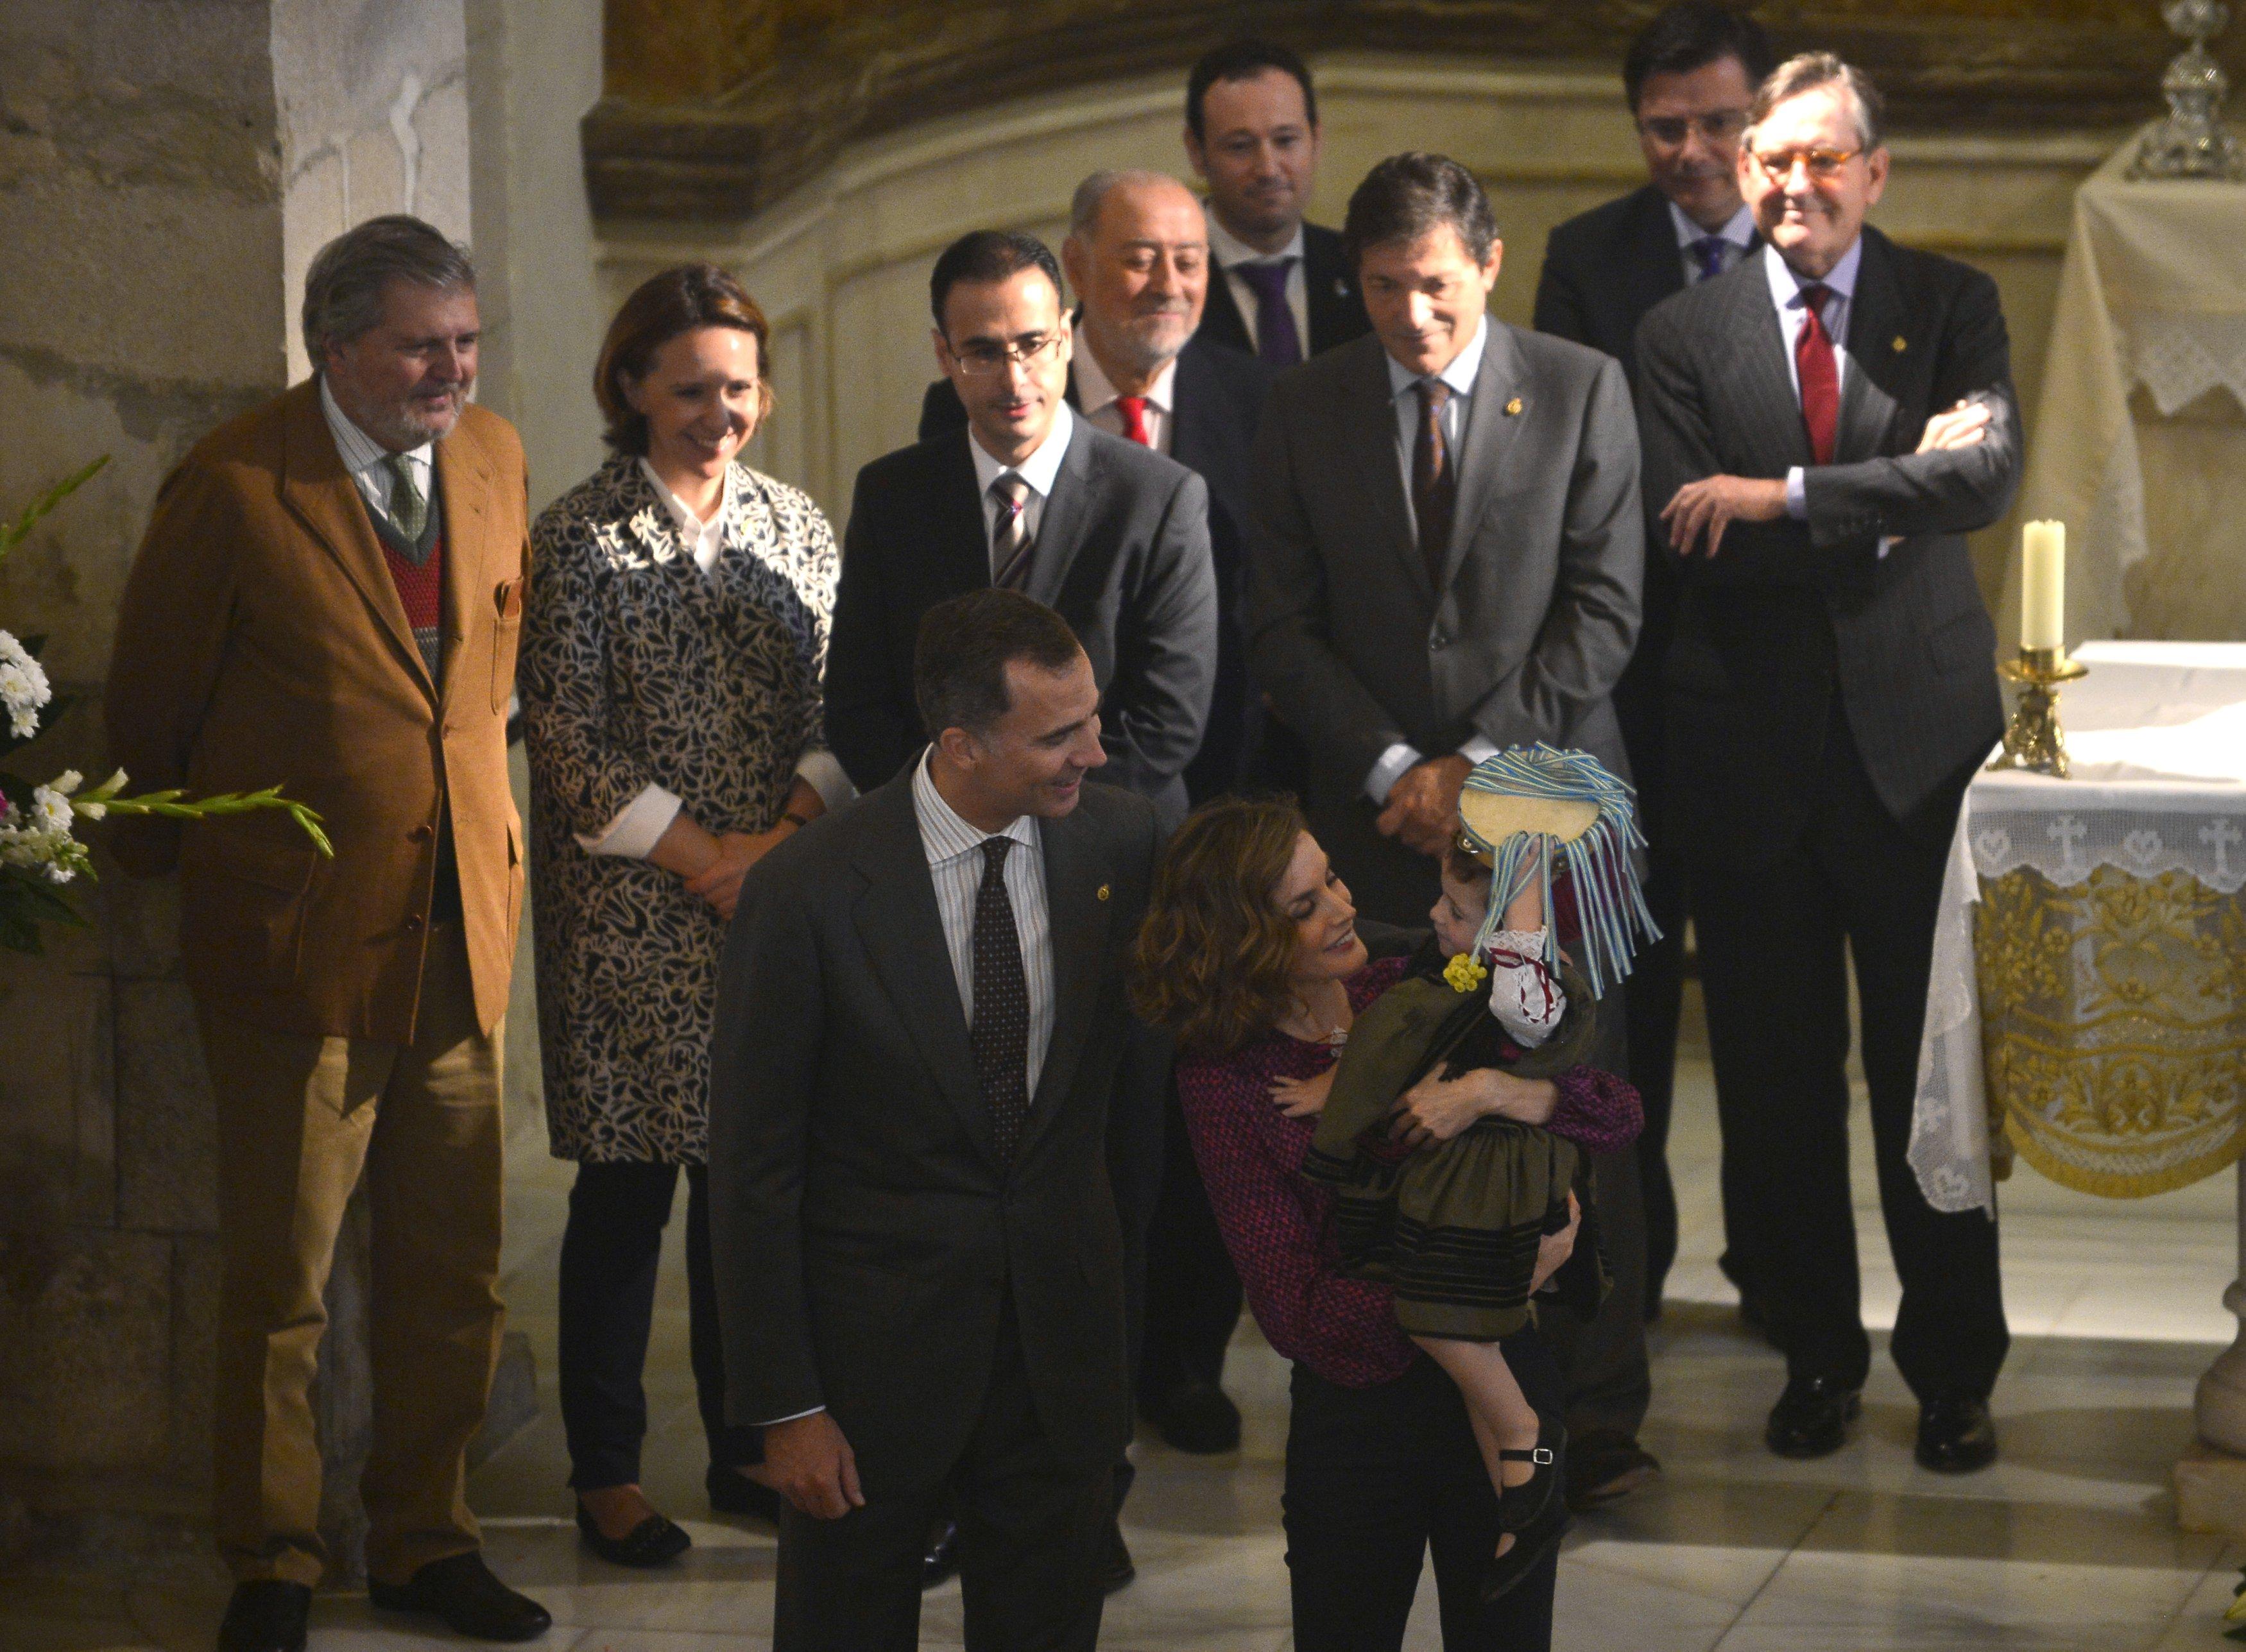 Felipe VI y Letizia - Página 4 2015-10-24T131622Z_500250030_GF20000030804_RTRMADP_3_SPAIN-ROYALS